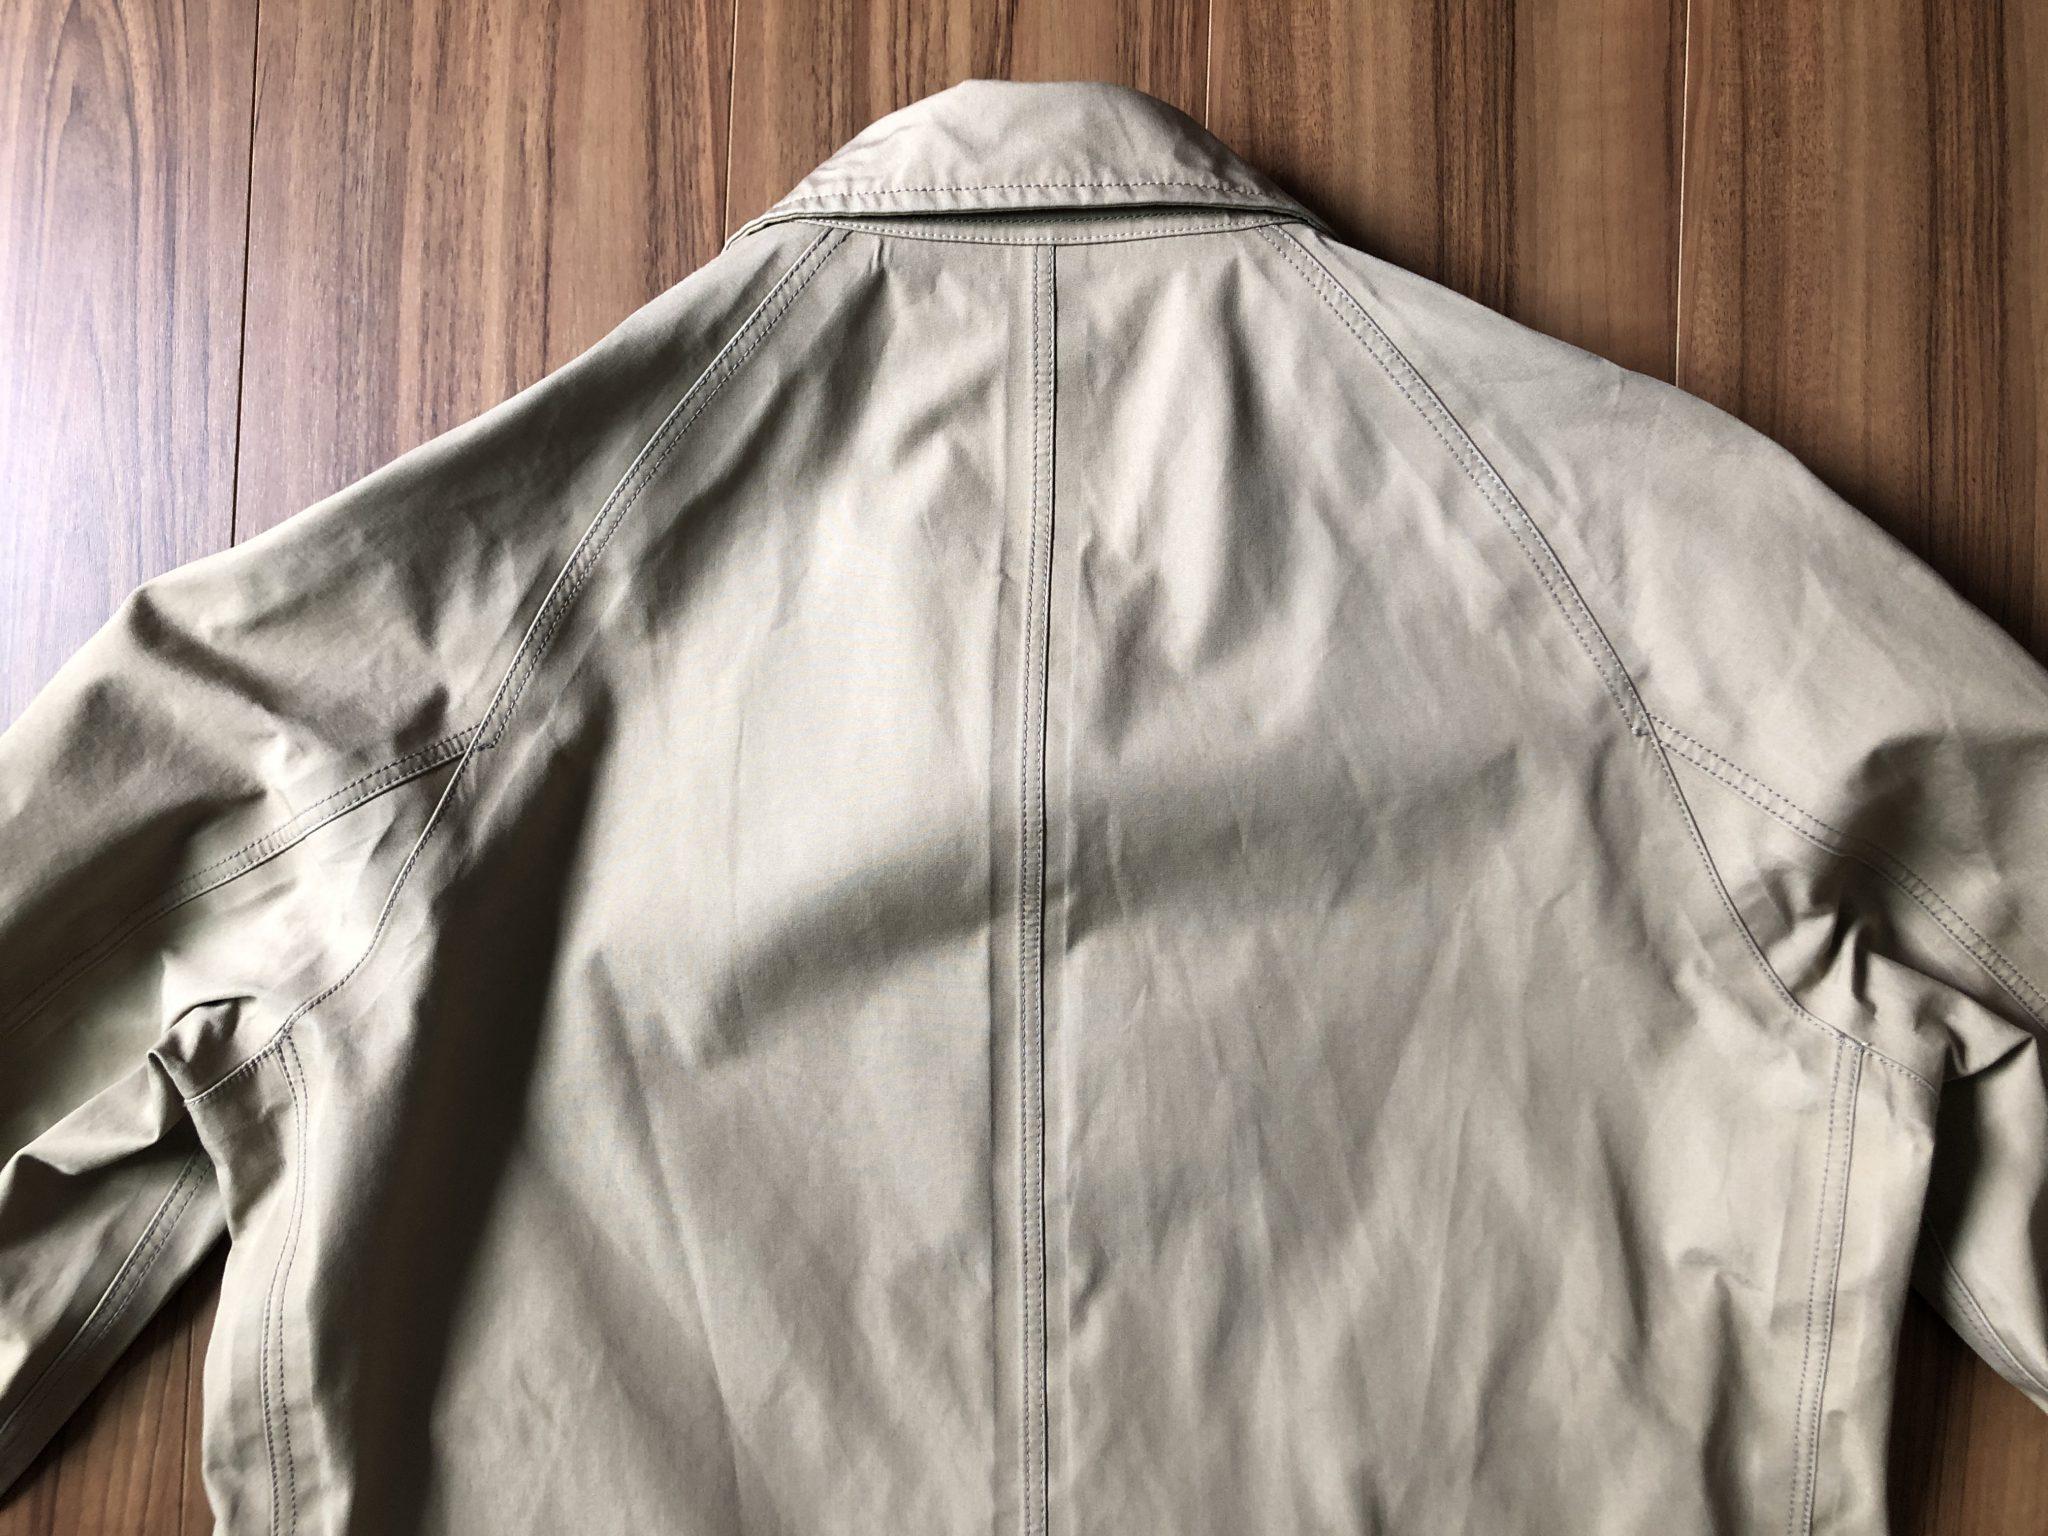 ナナミカ コットンゴアテックス nanamica GORE-TEX クルーザージャケット エイジング 経年変化 ステンカラーコート ベージュ 半年 背中